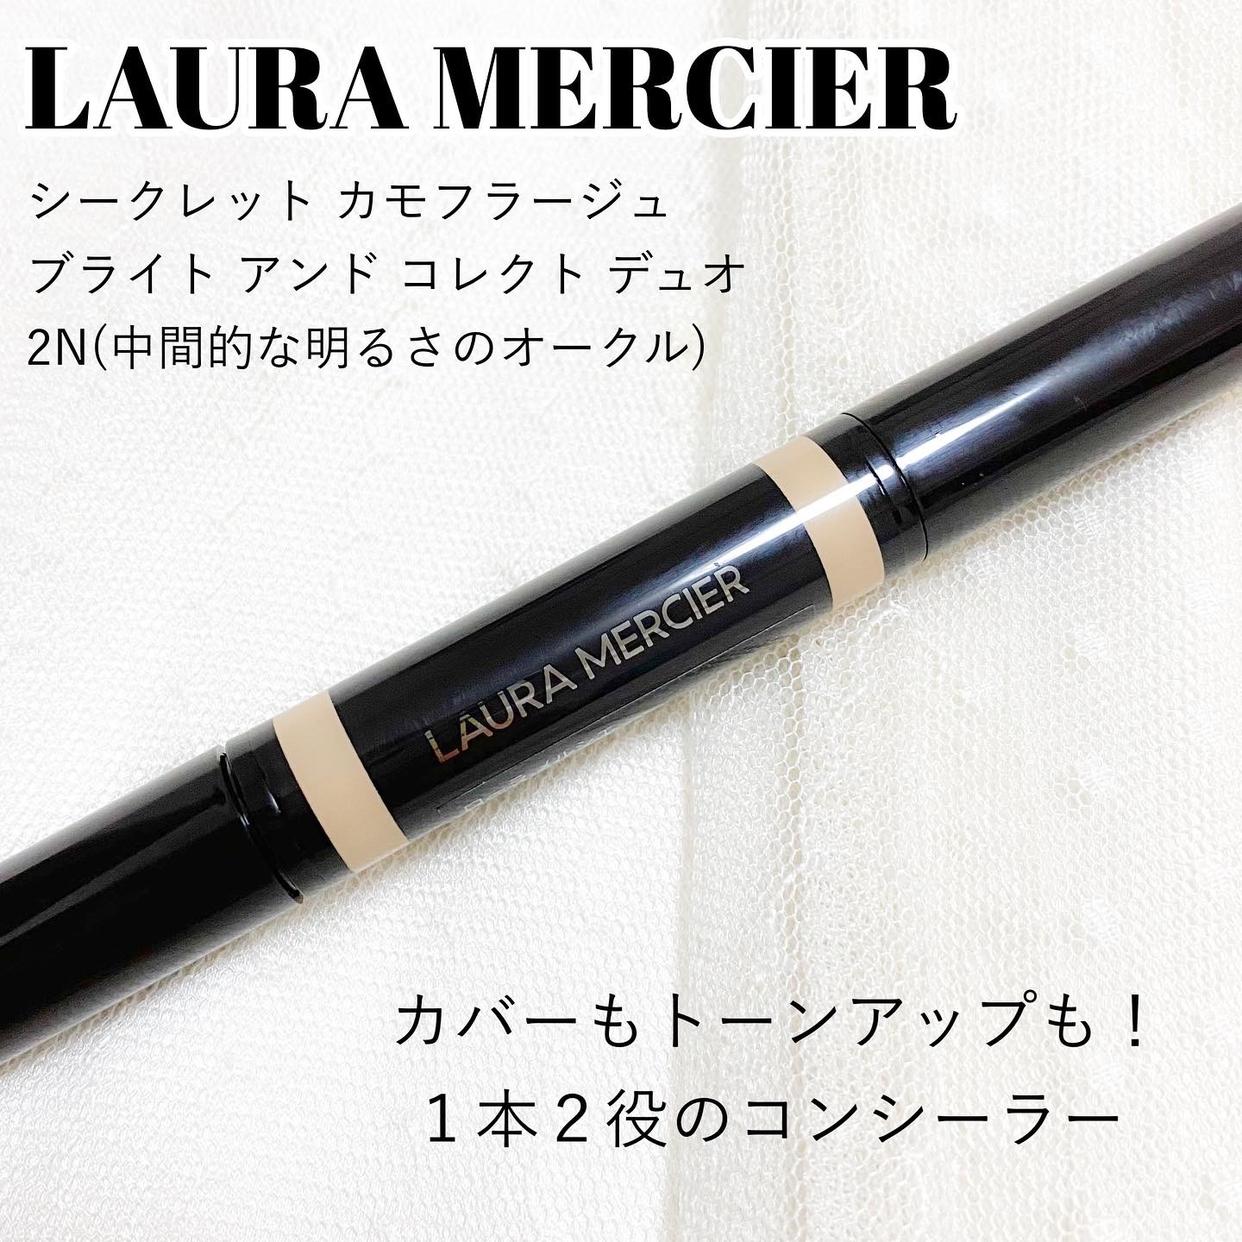 laura mercier(ローラ メルシエ) シークレット カモフラージュ ブライト アンド コレクト デュオを使った只野ひとみさんのクチコミ画像1